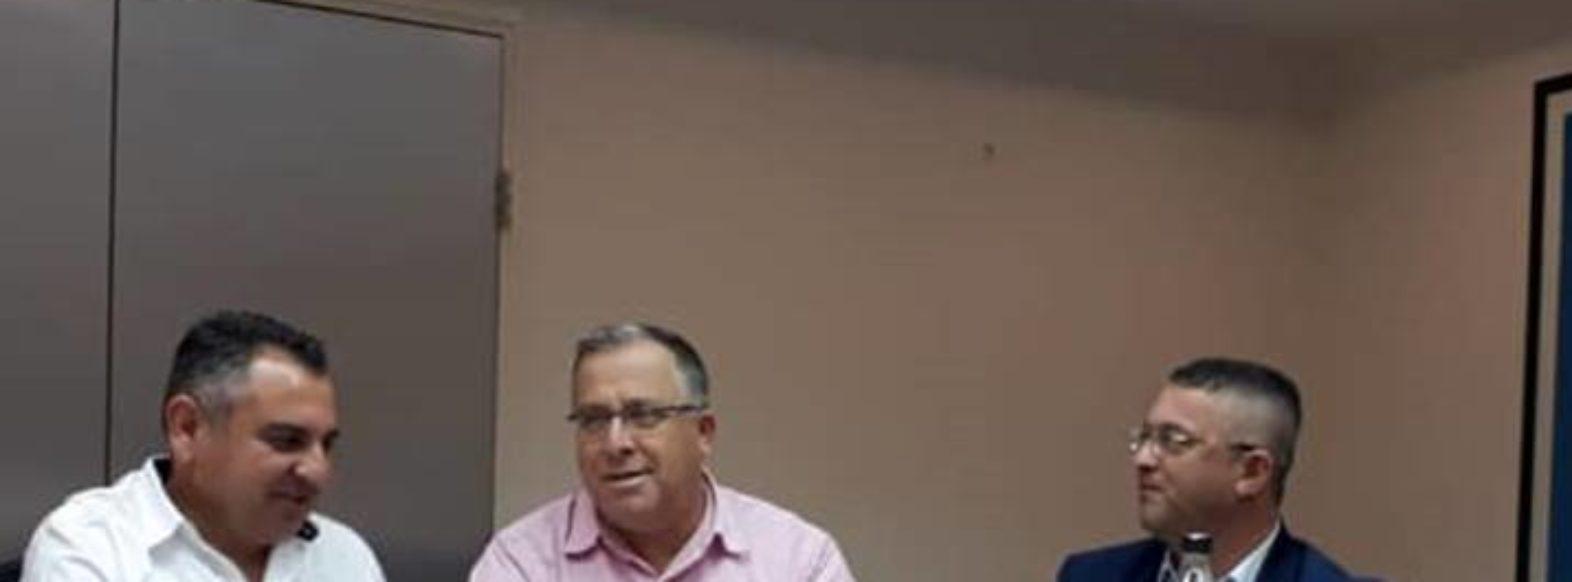 מועצת הכבלים והלוויין נפרדה מראש עיריית קריית ביאליק